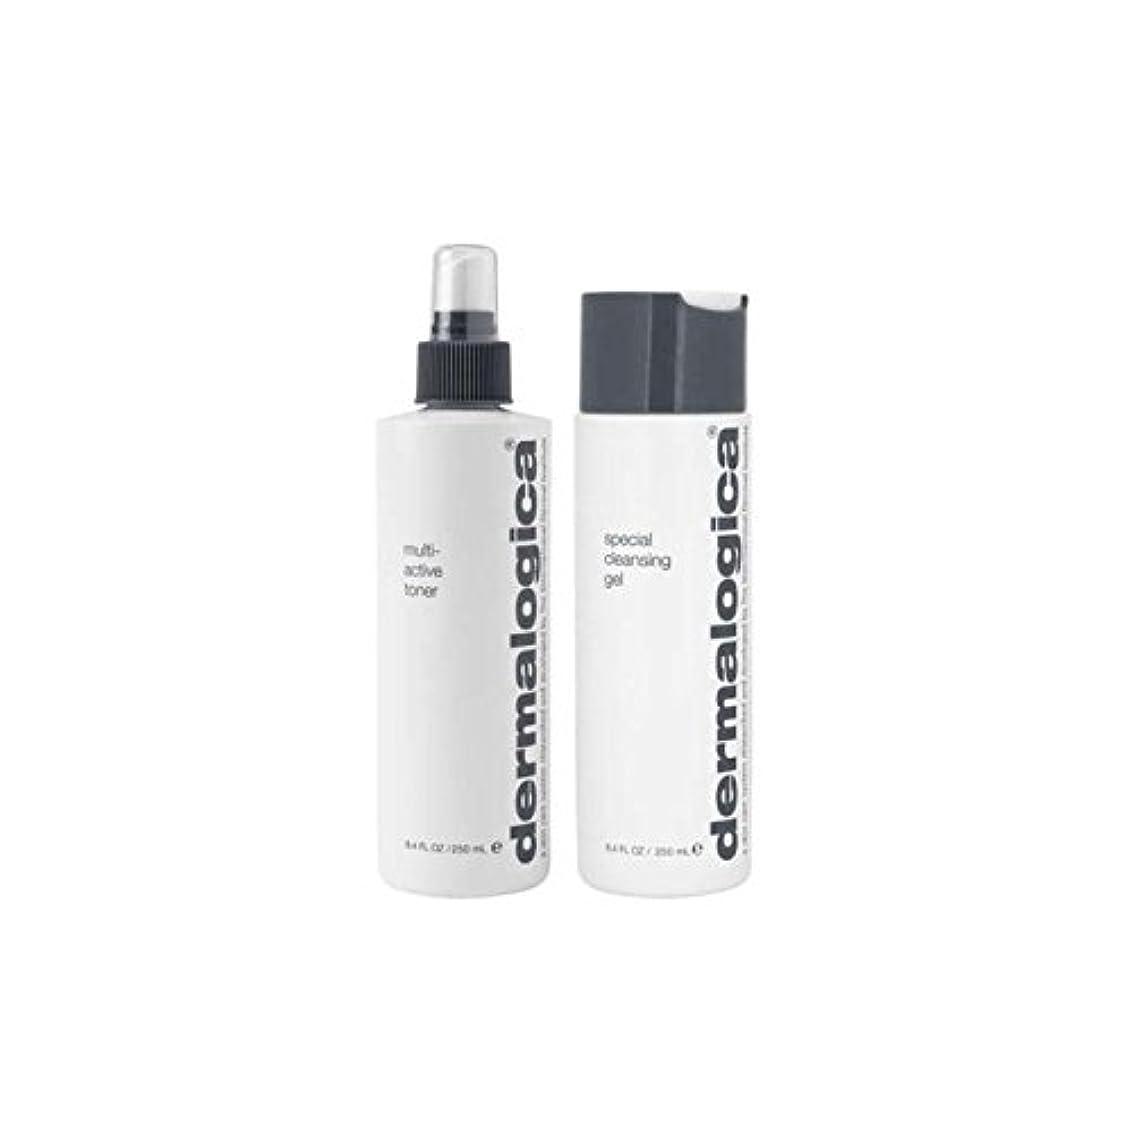 ダーマロジカクレンジング&トーンデュオ - ノーマル/ドライスキン(2製品) x4 - Dermalogica Cleanse & Tone Duo - Normal/Dry Skin (2 Products) (Pack...